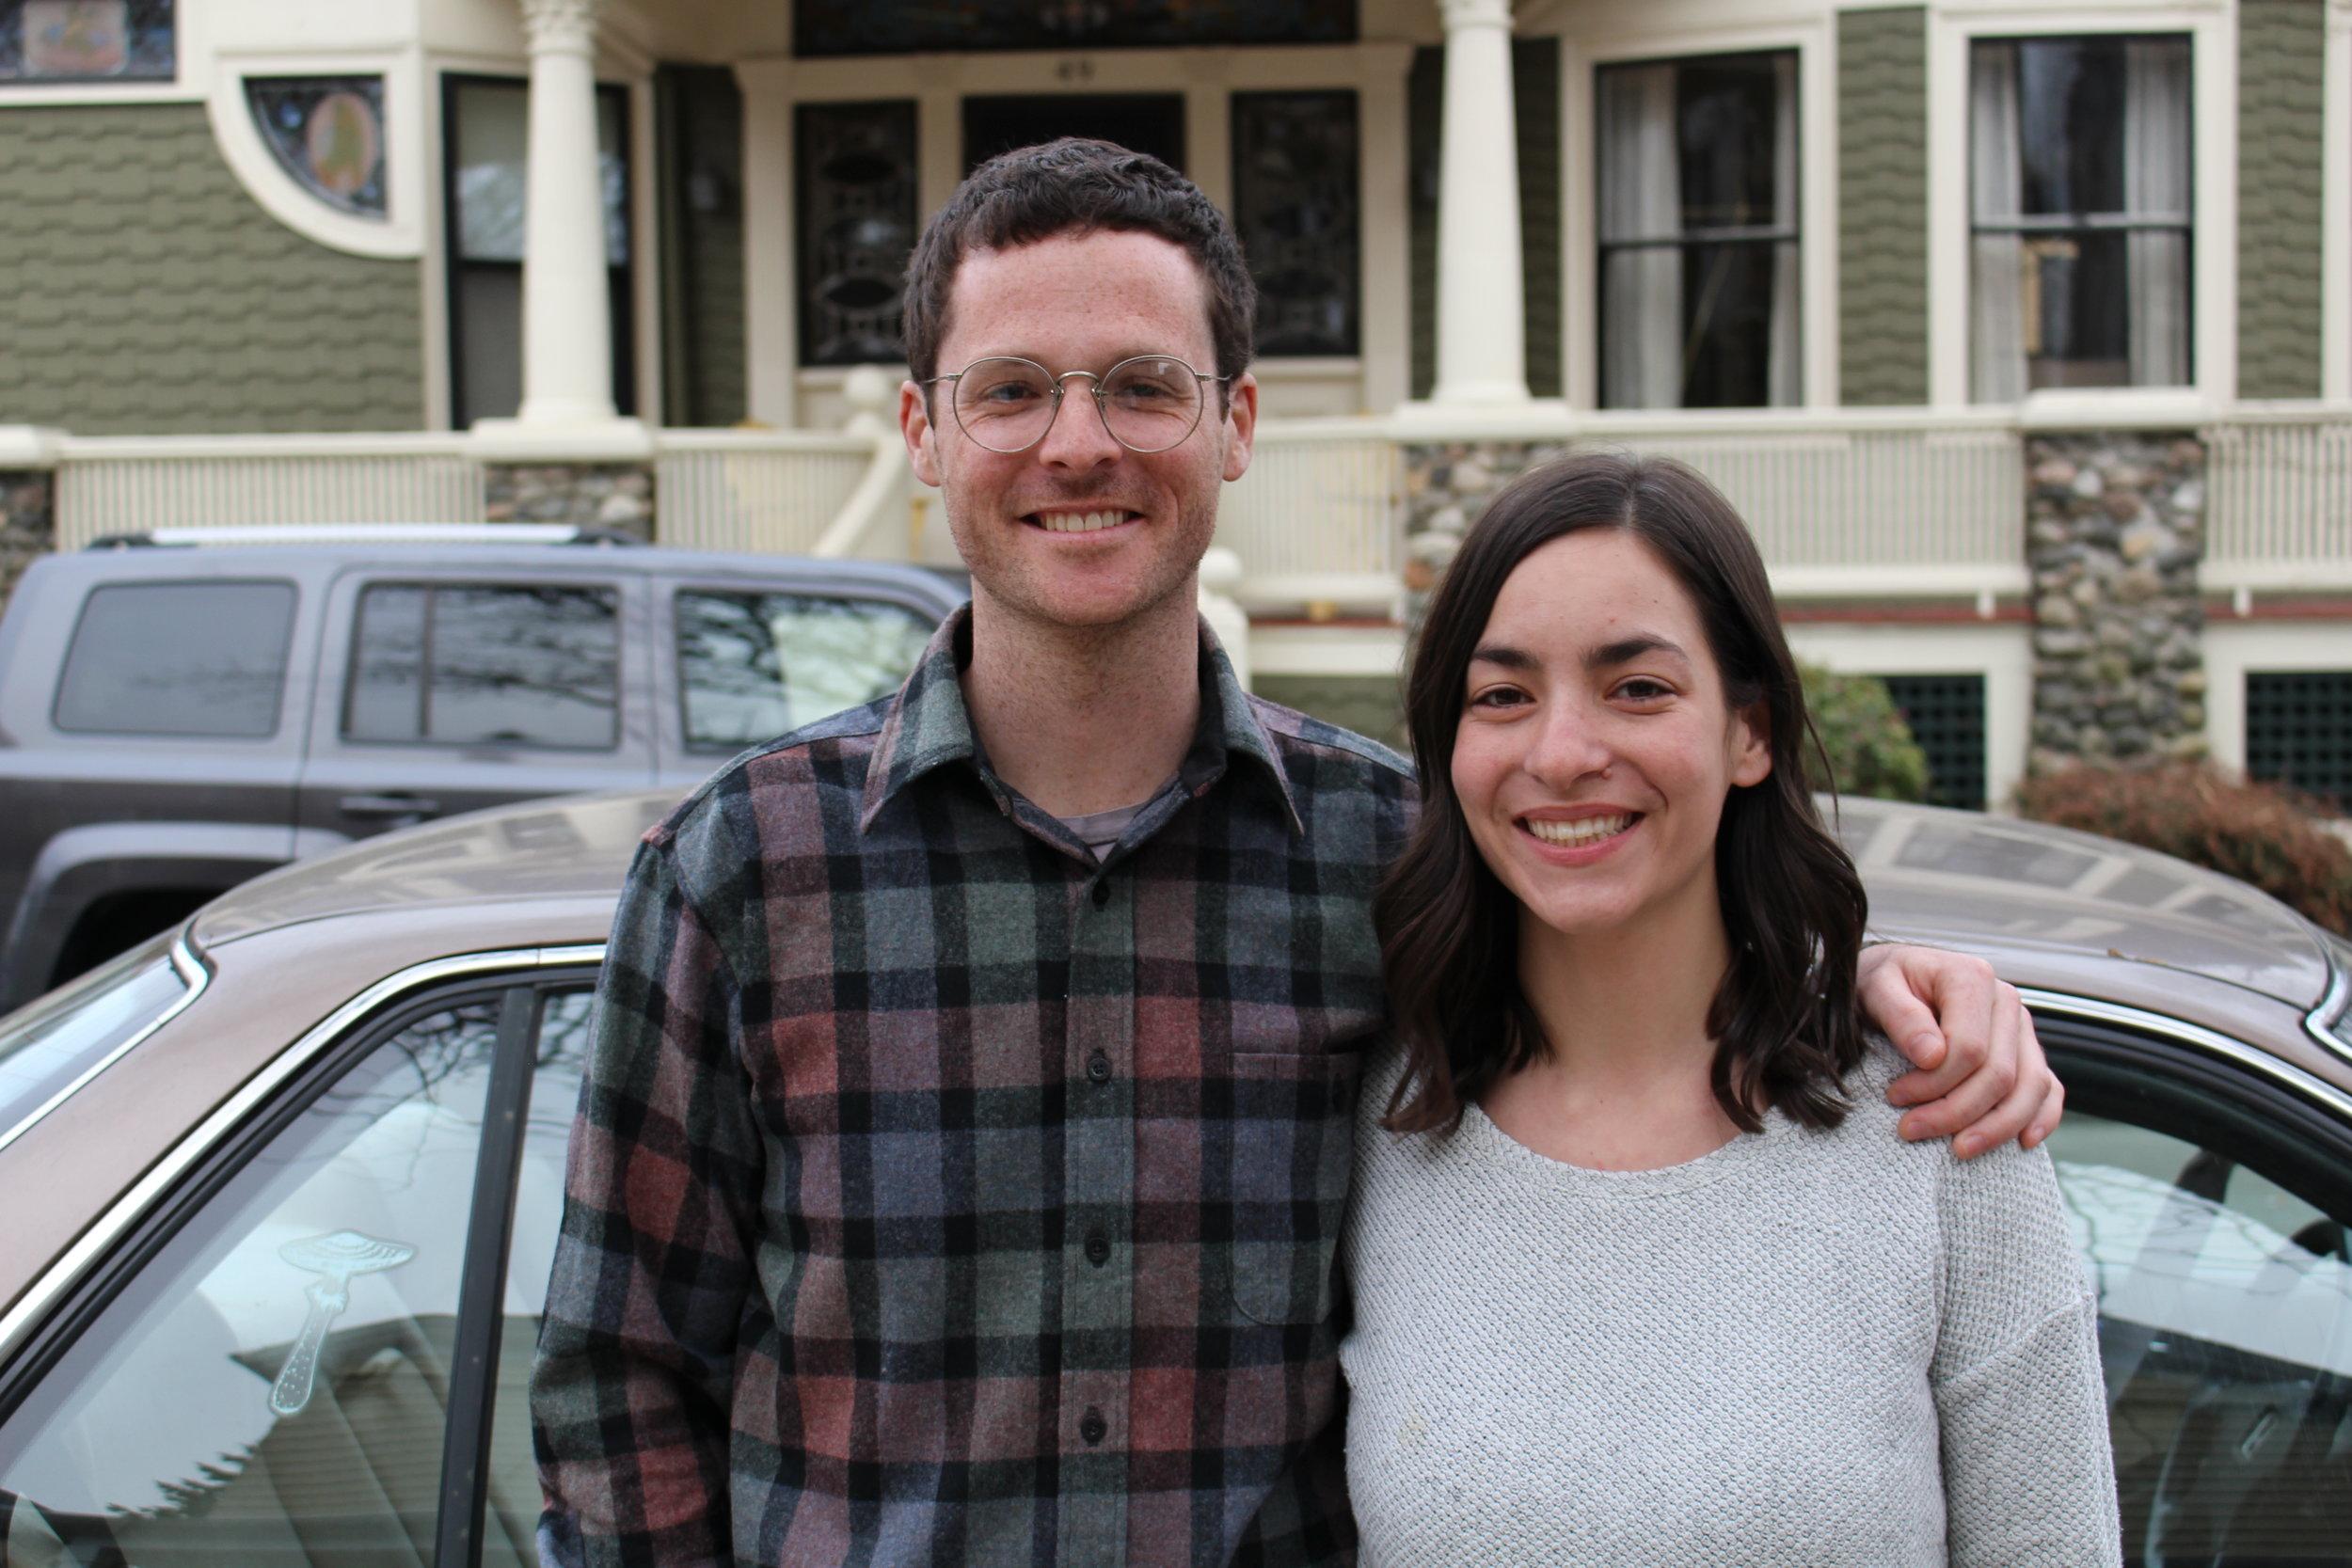 Ben Ewen-Campen and his wife Alex